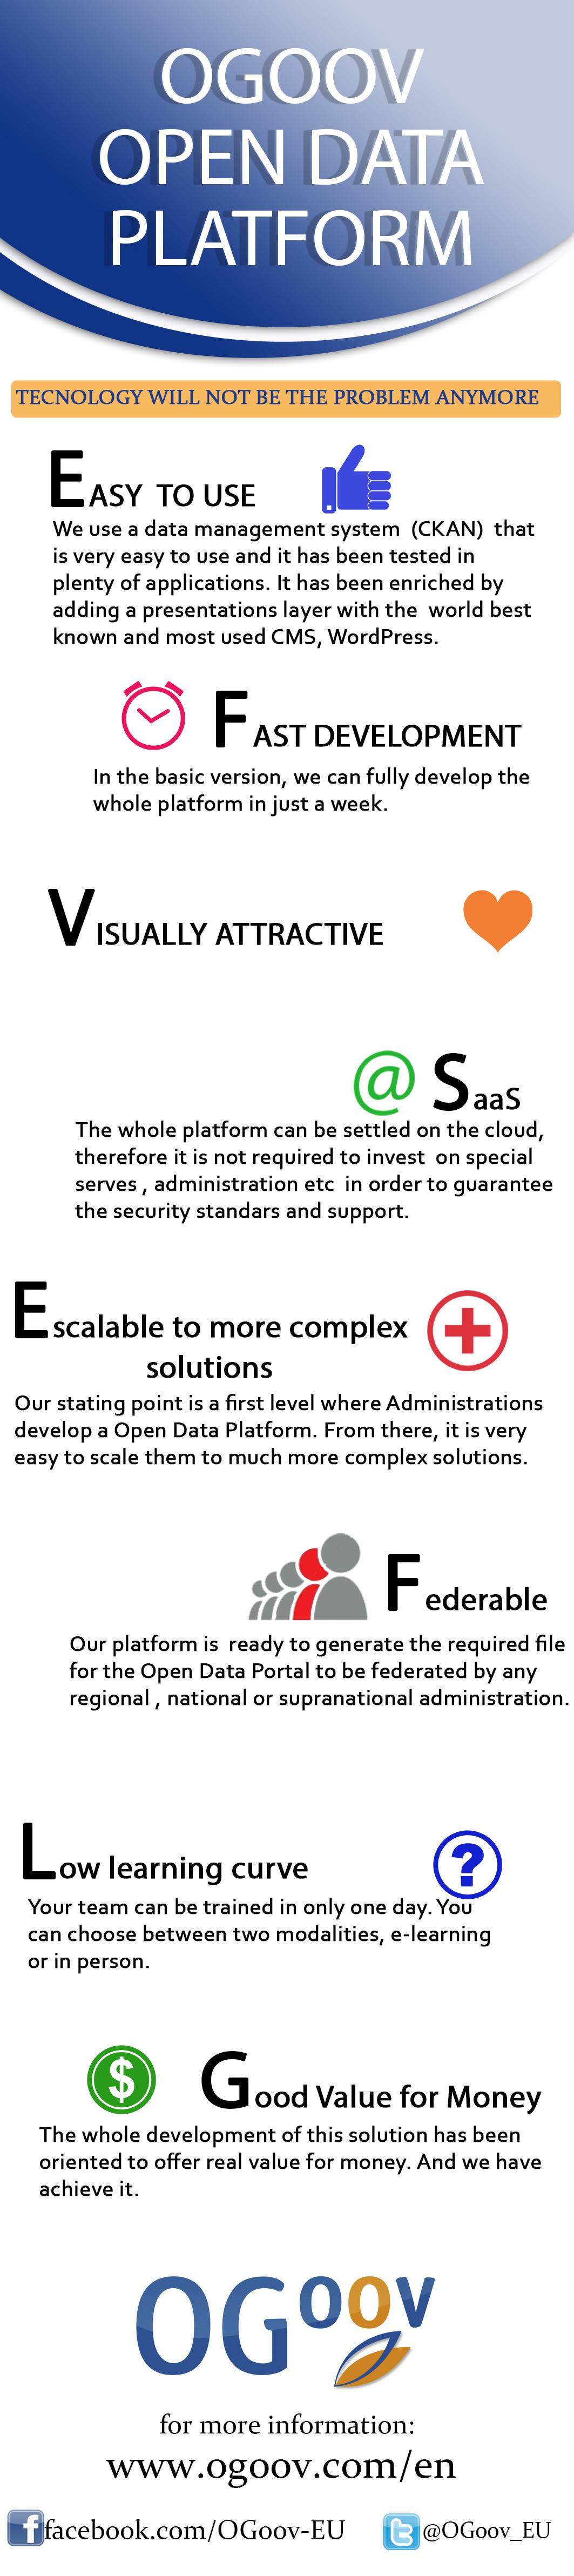 Open Data Infographic |OGoov Platform